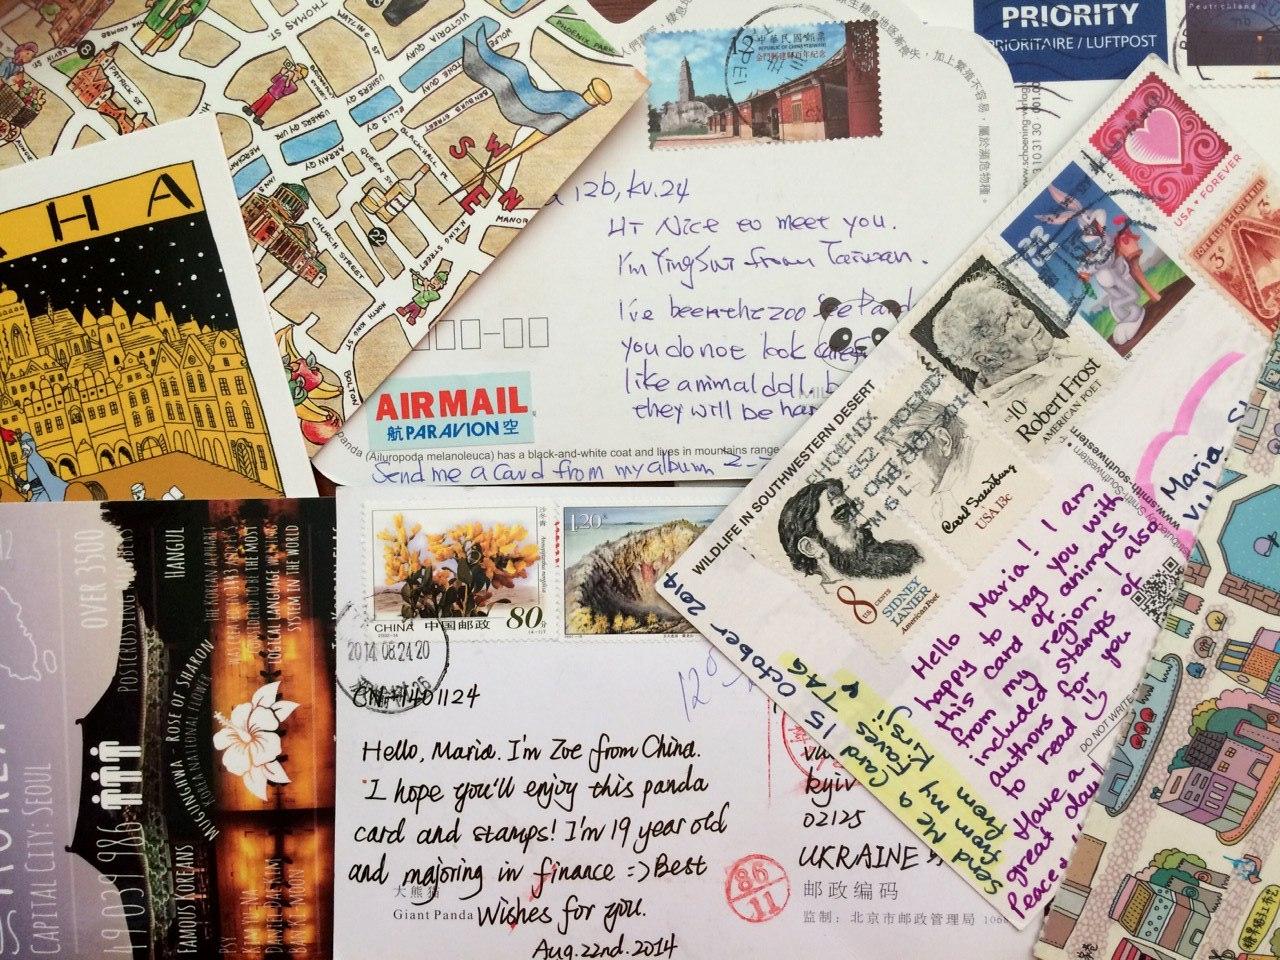 Показать открытку, лучшие открытки посткроссинга